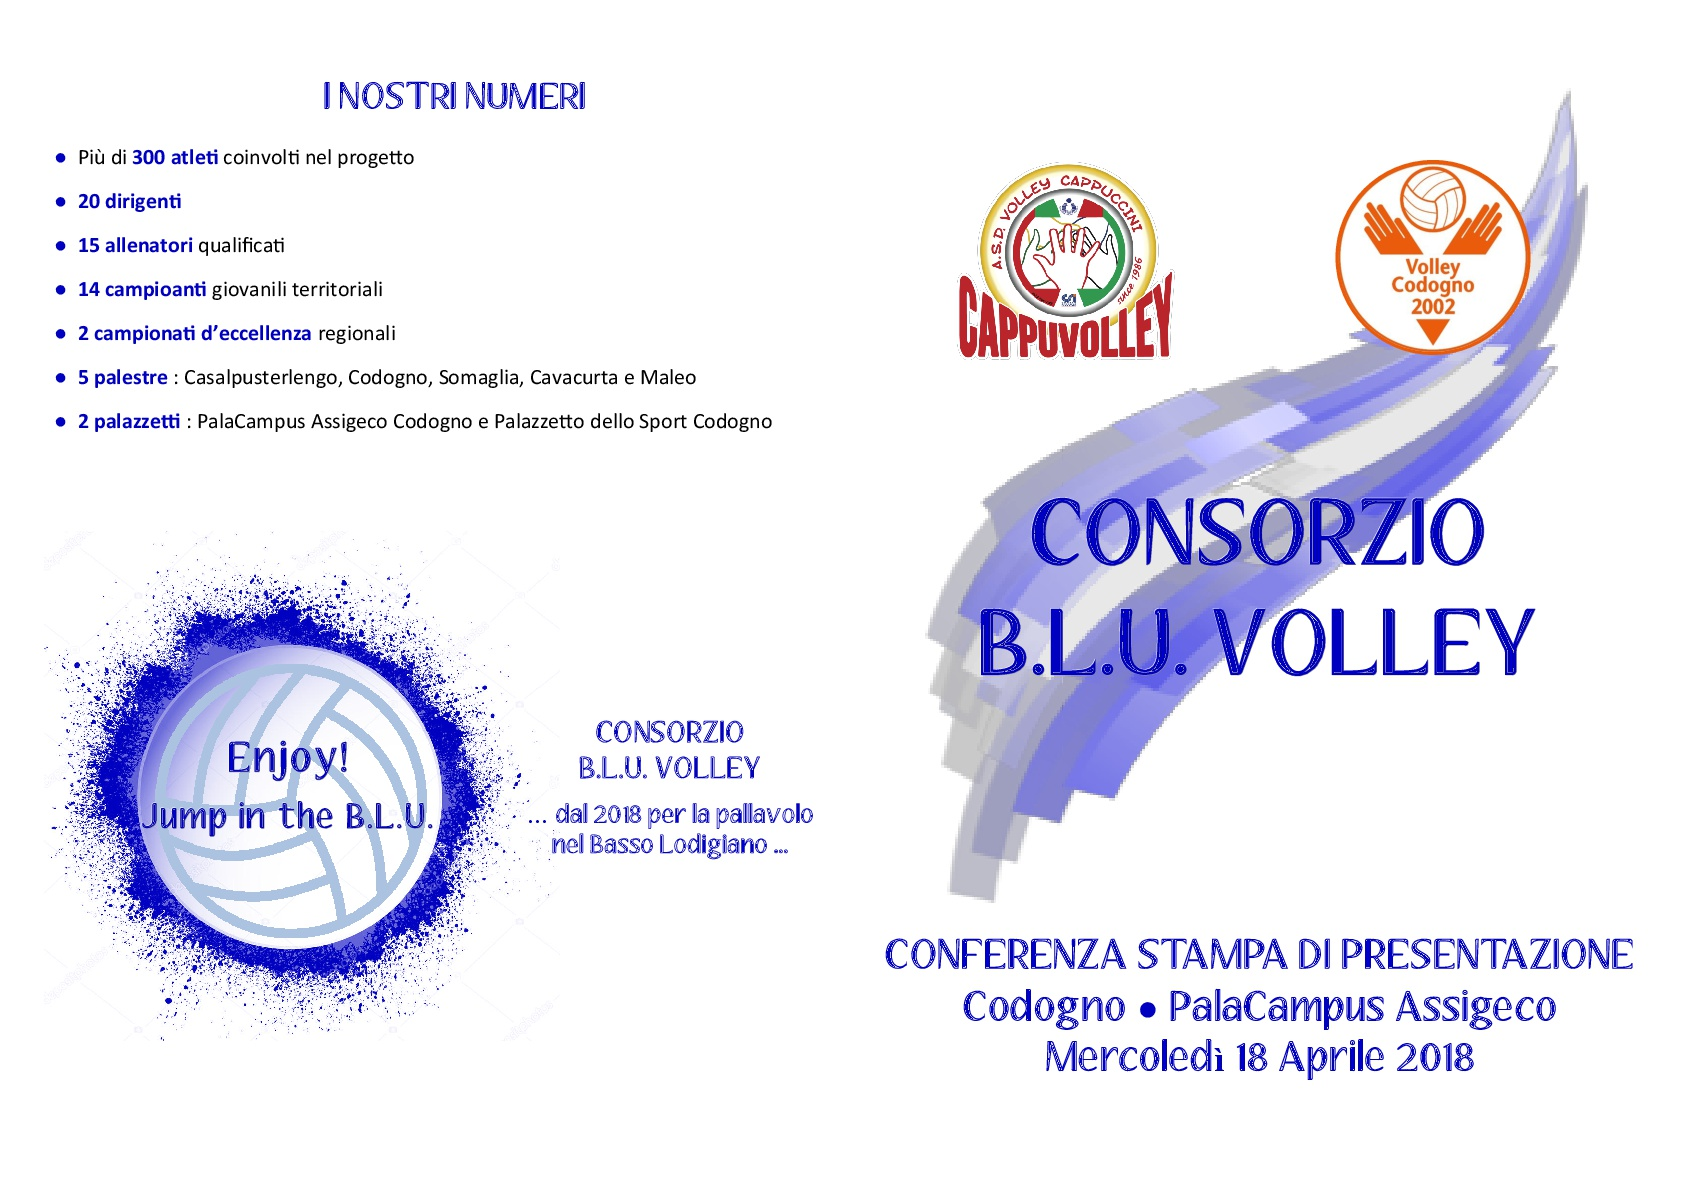 presentazione-consorzio-provvisoria-del-16-04-2018-001